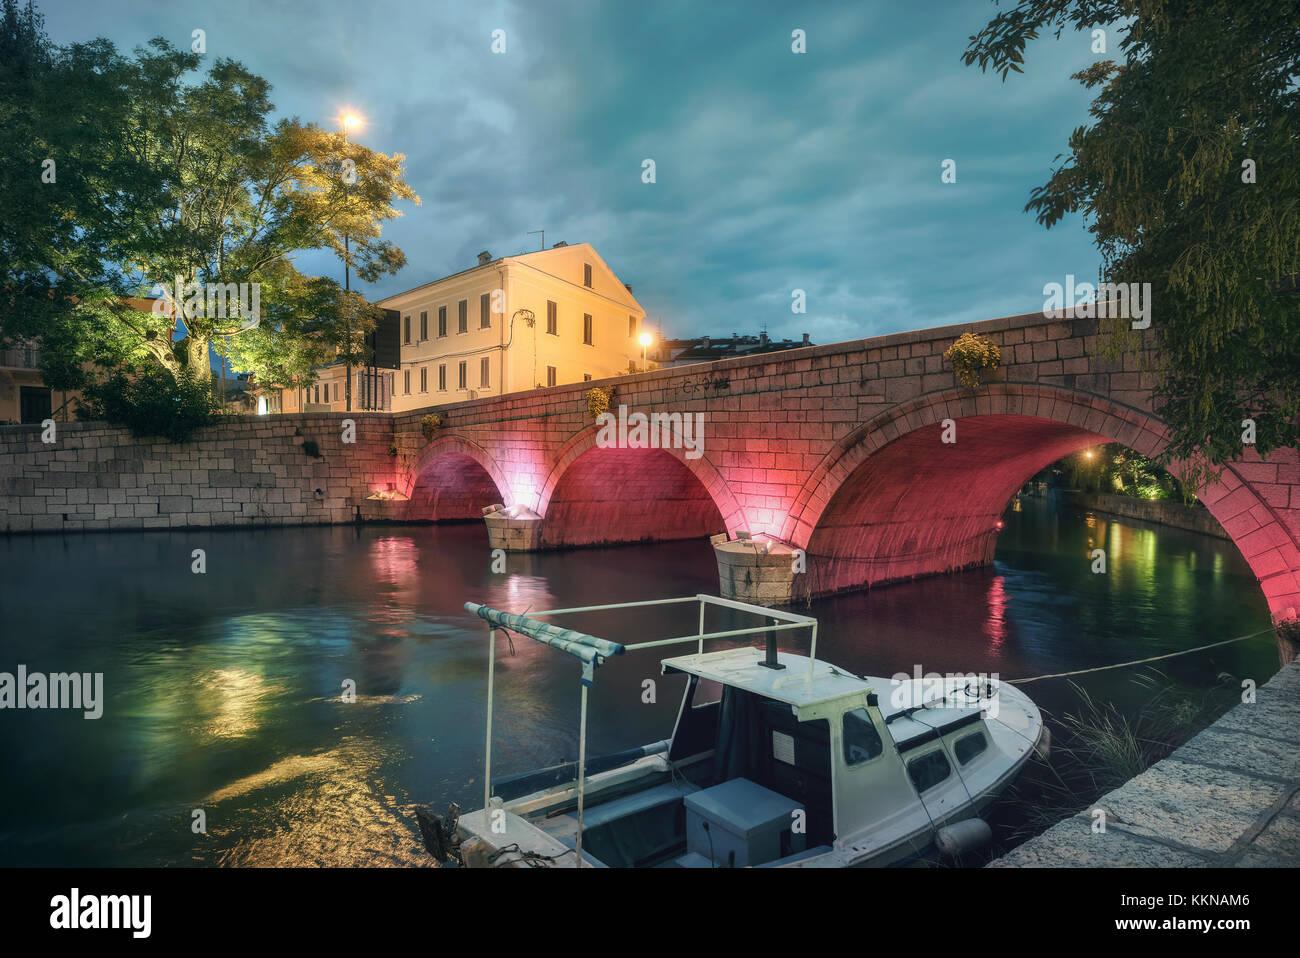 Stadtbild mit alten Brücke im Stadtzentrum bei Nacht. Crikvenica, Kroatien Stockbild